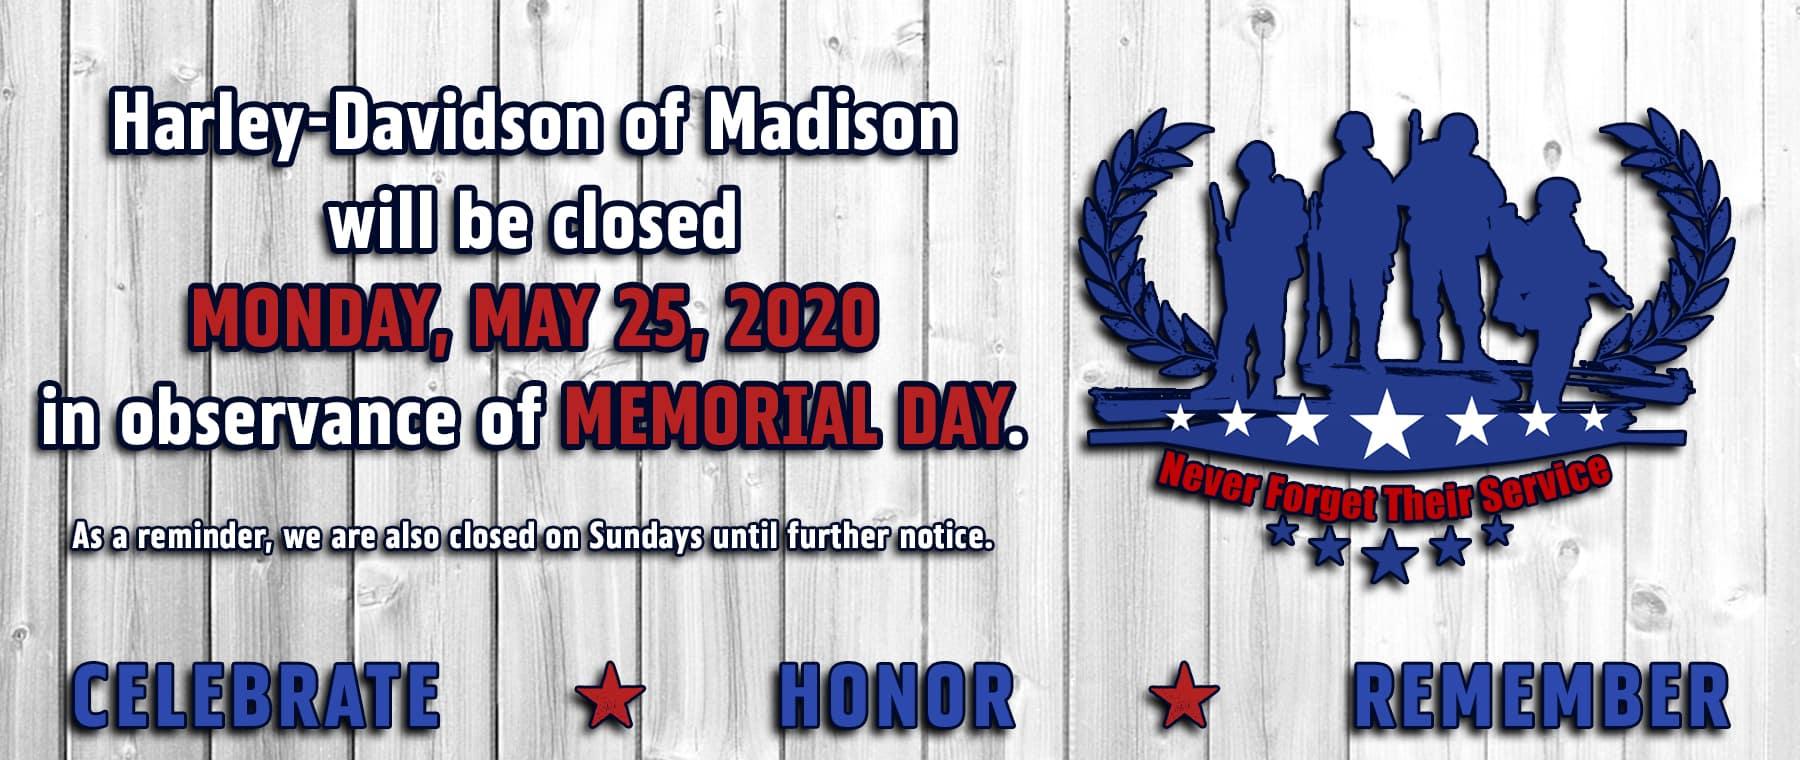 Closed Memorial Day 2020